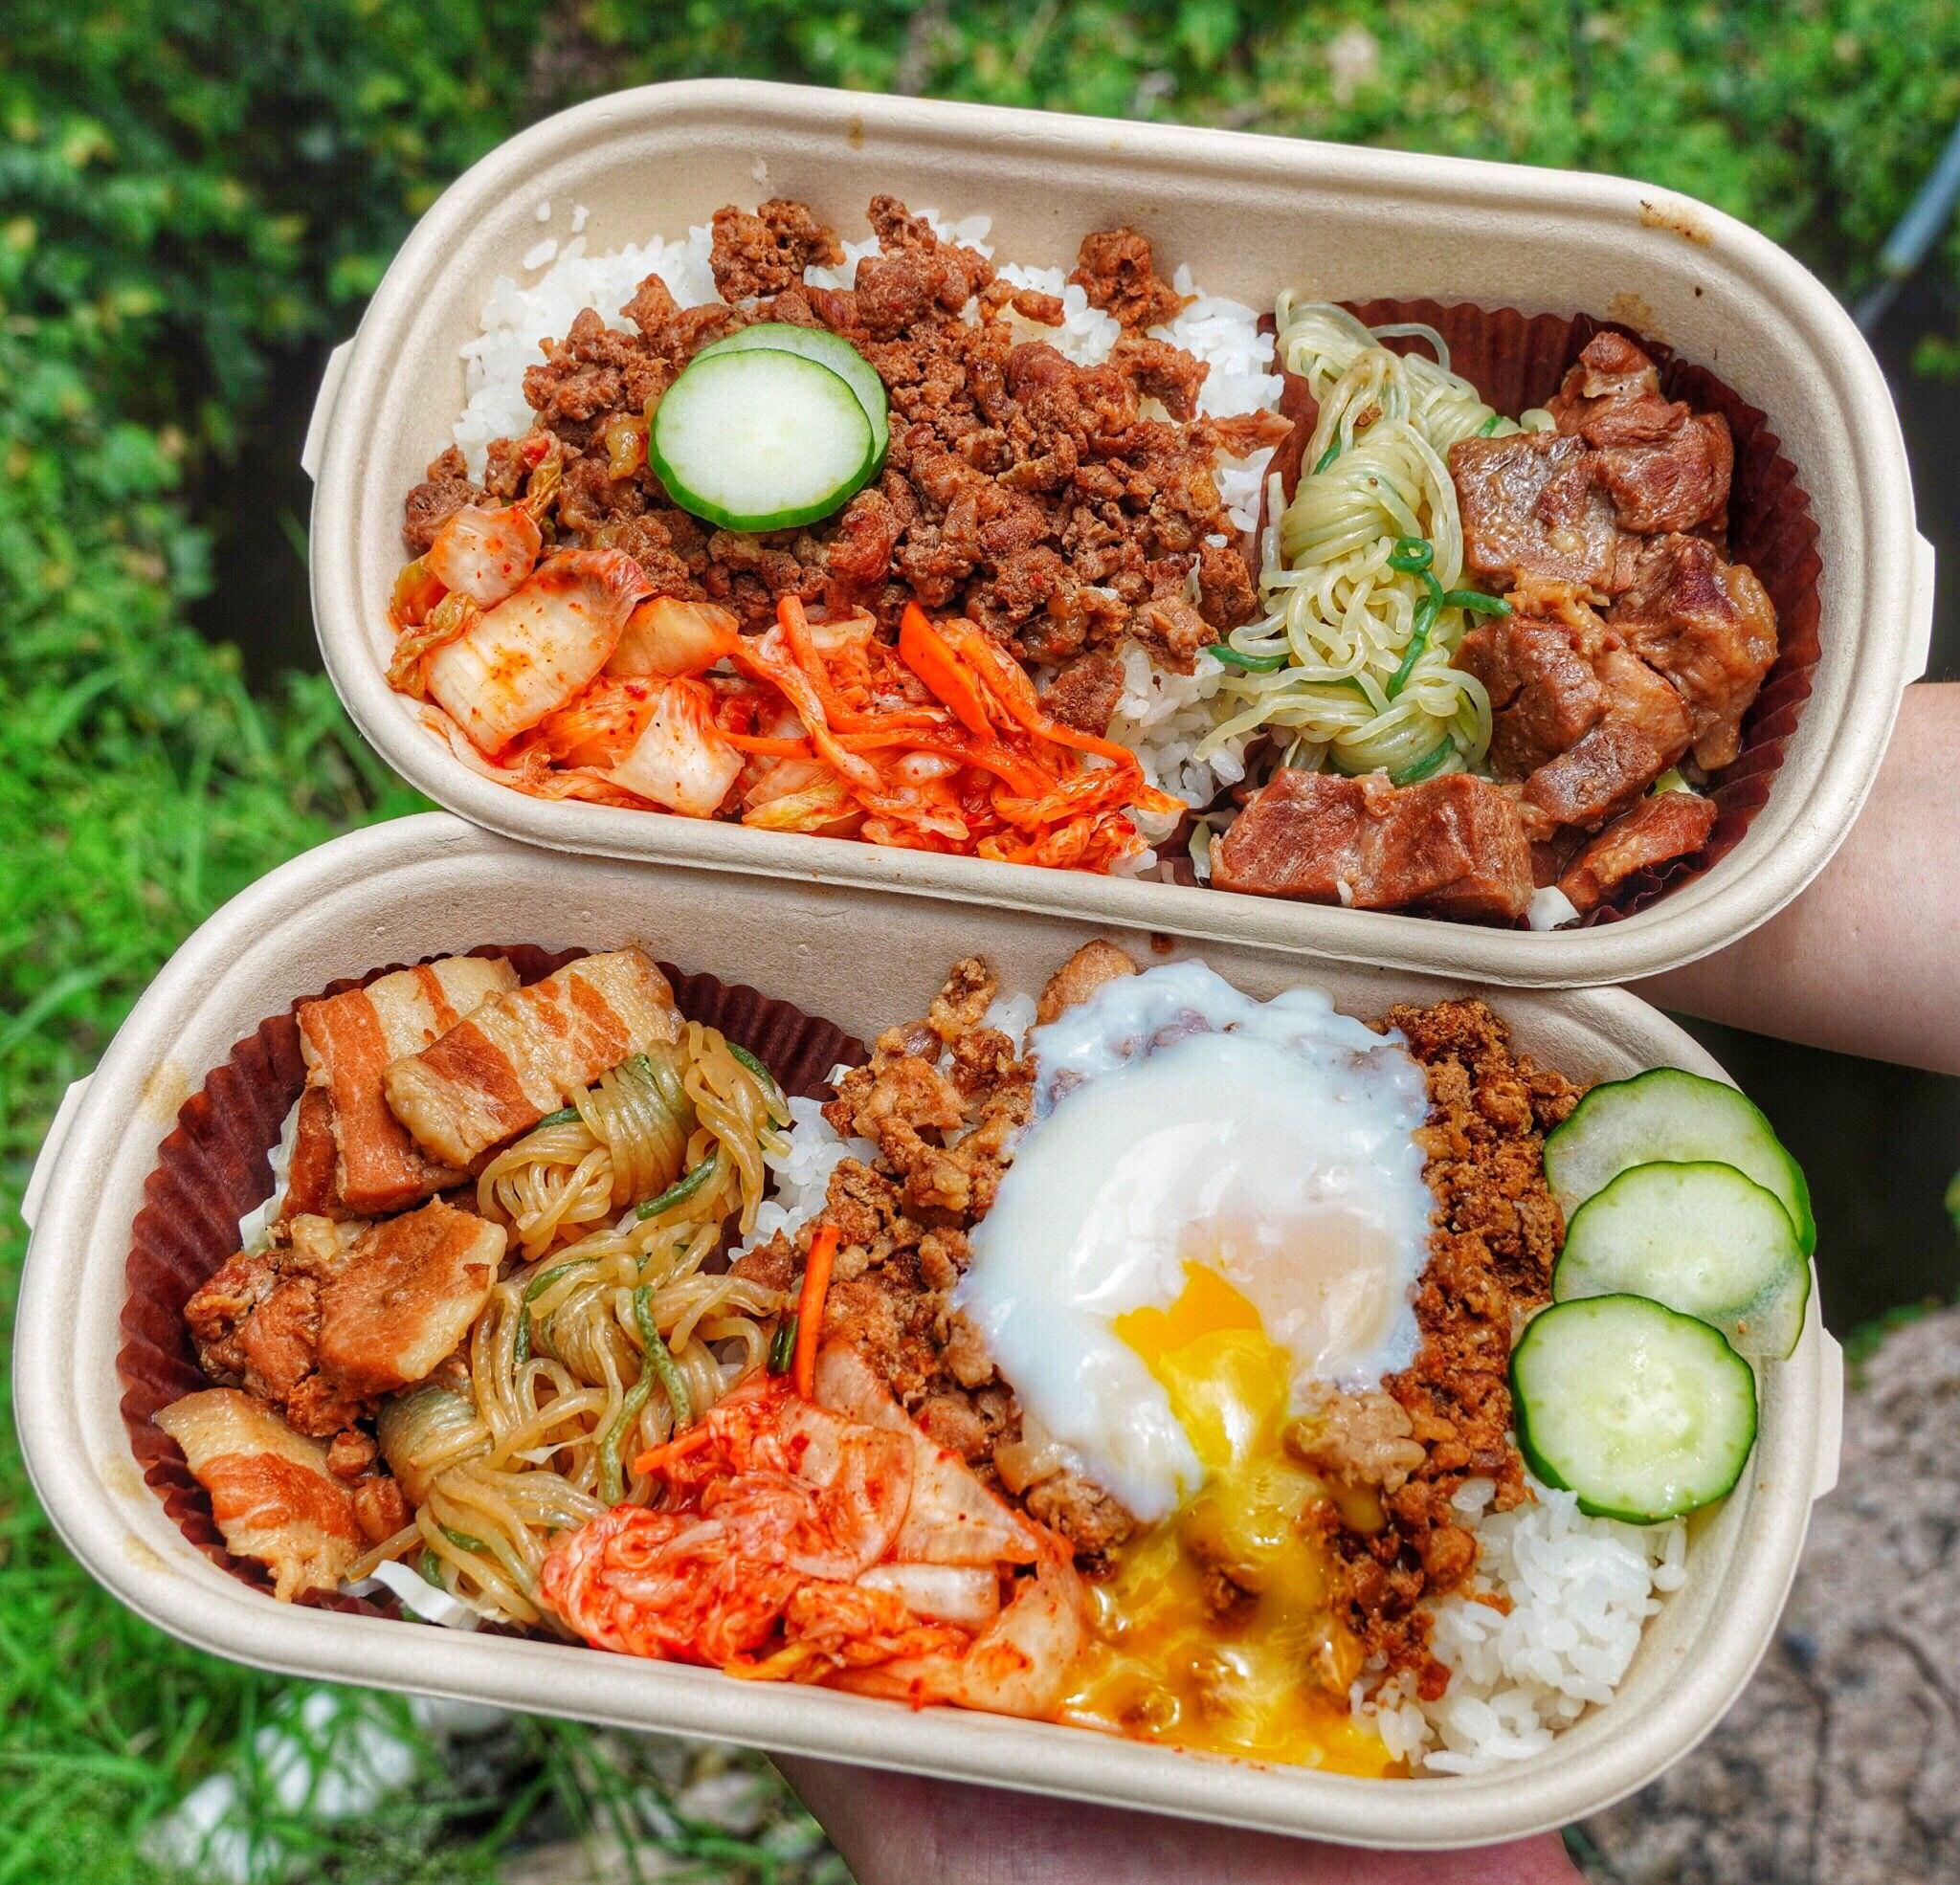 台南美食【貴一郎和牛魯肉飯外帶吧】免百元就能吃到和牛魯肉飯/伊比利豬魯肉飯!